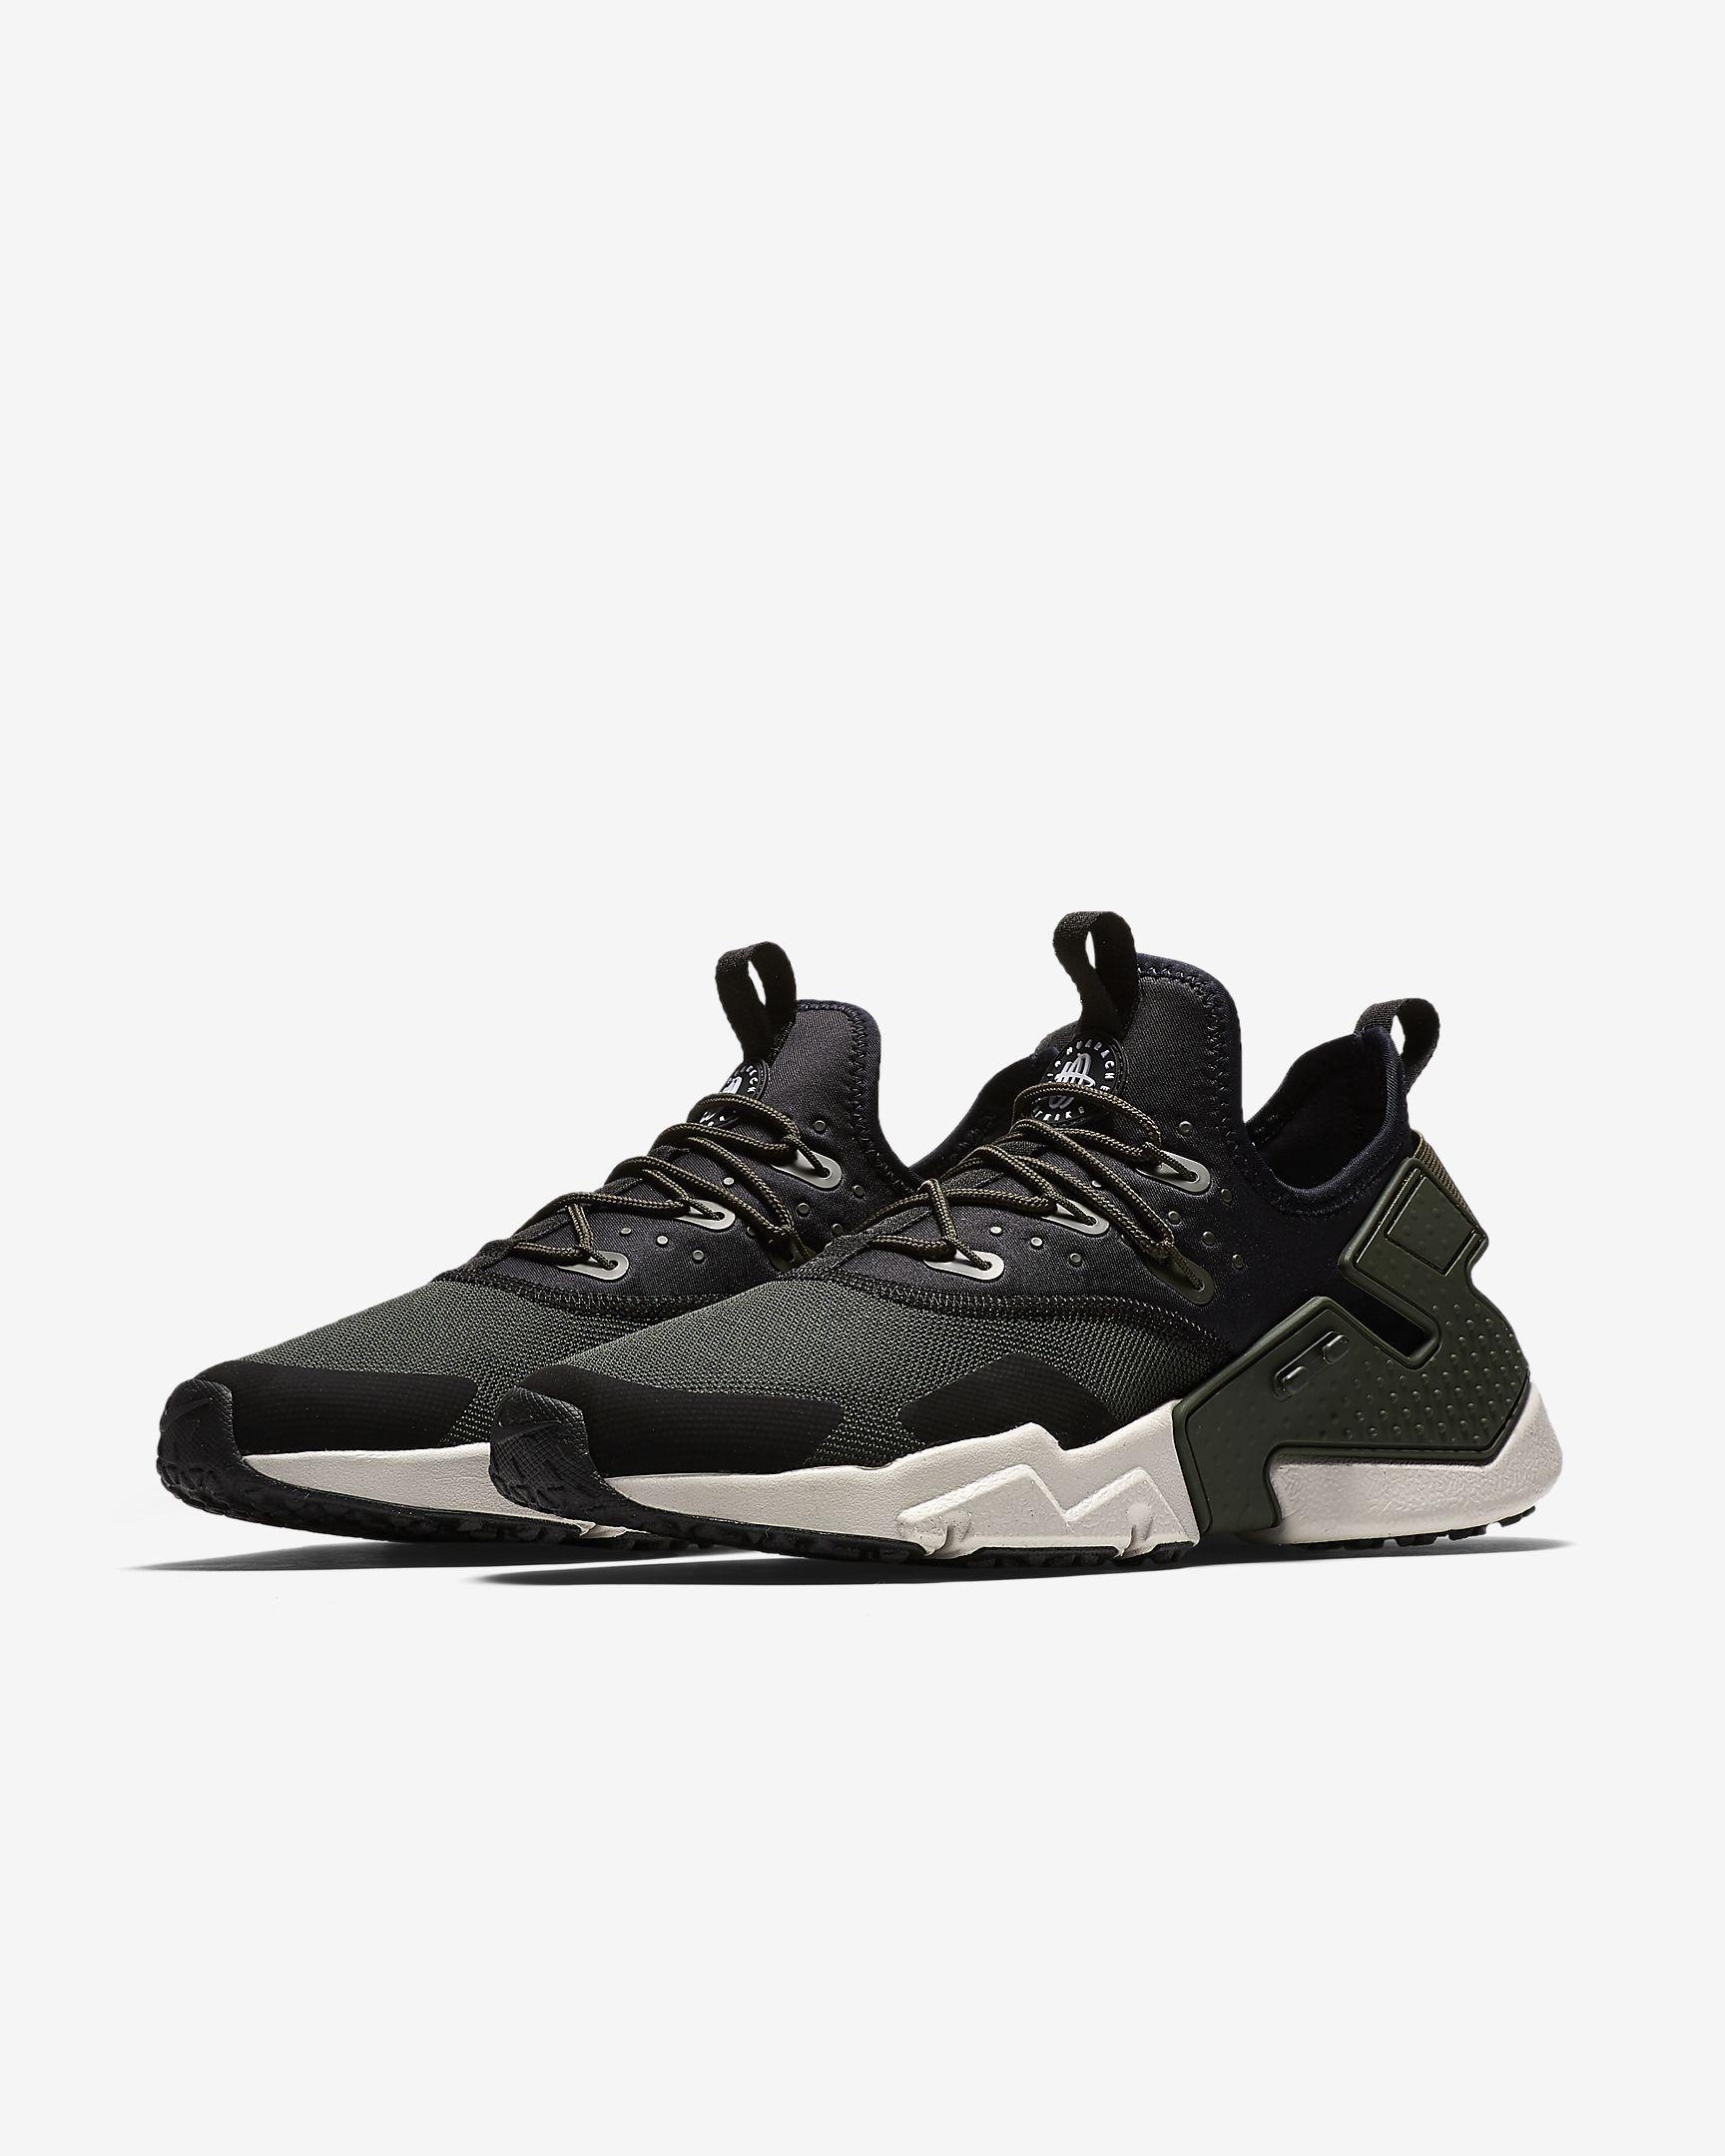 a07b2e41dd09 Nike Air Huarache Drift Men s Shoe